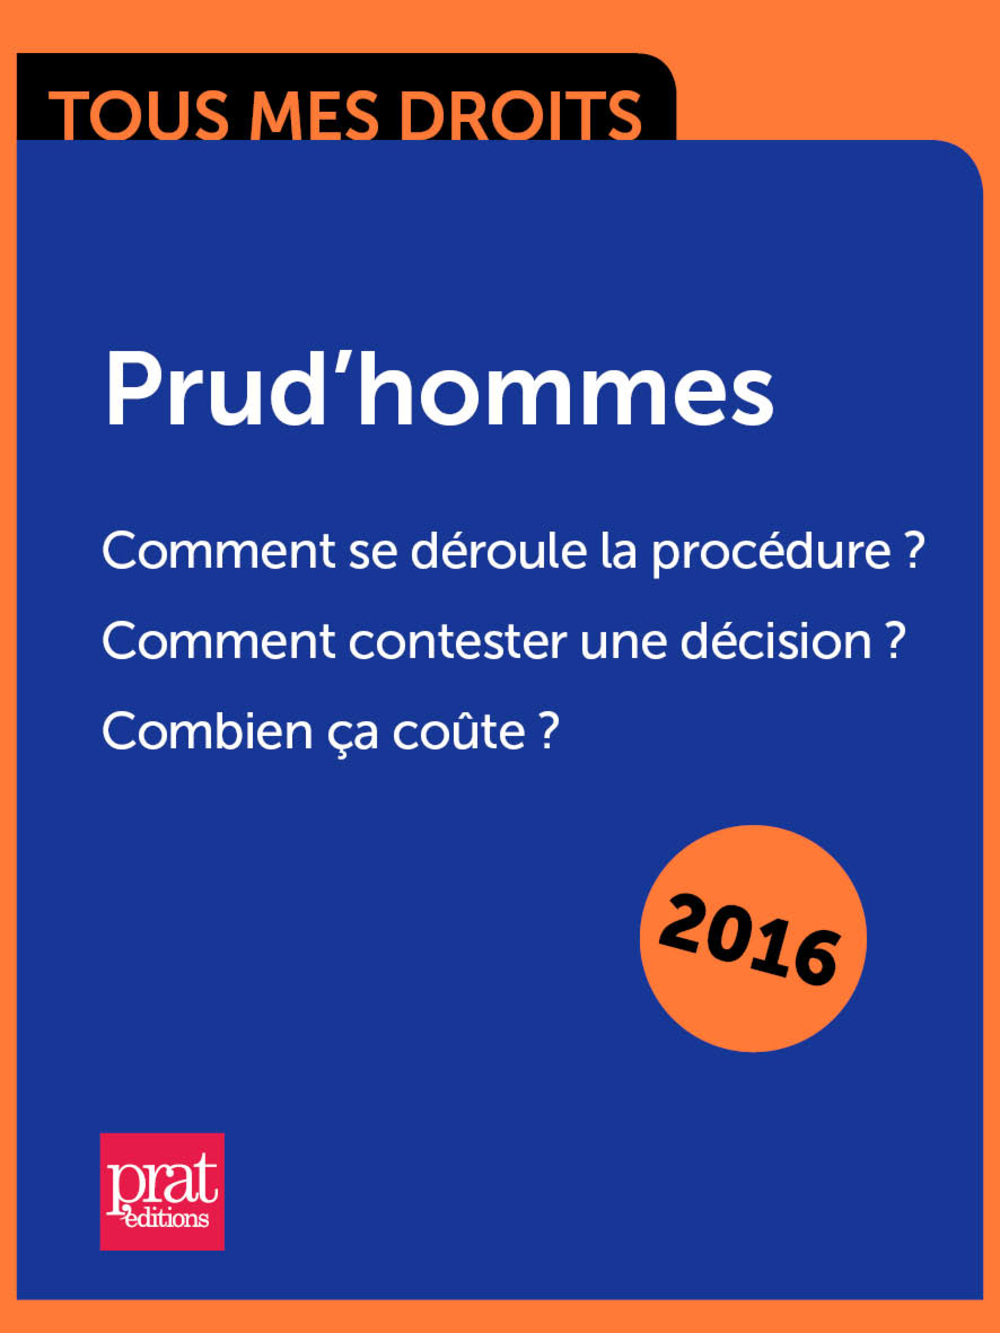 Prudhommes : comment se déroule la procédure ? Comment contester une décision ? Combien ça coûte ?